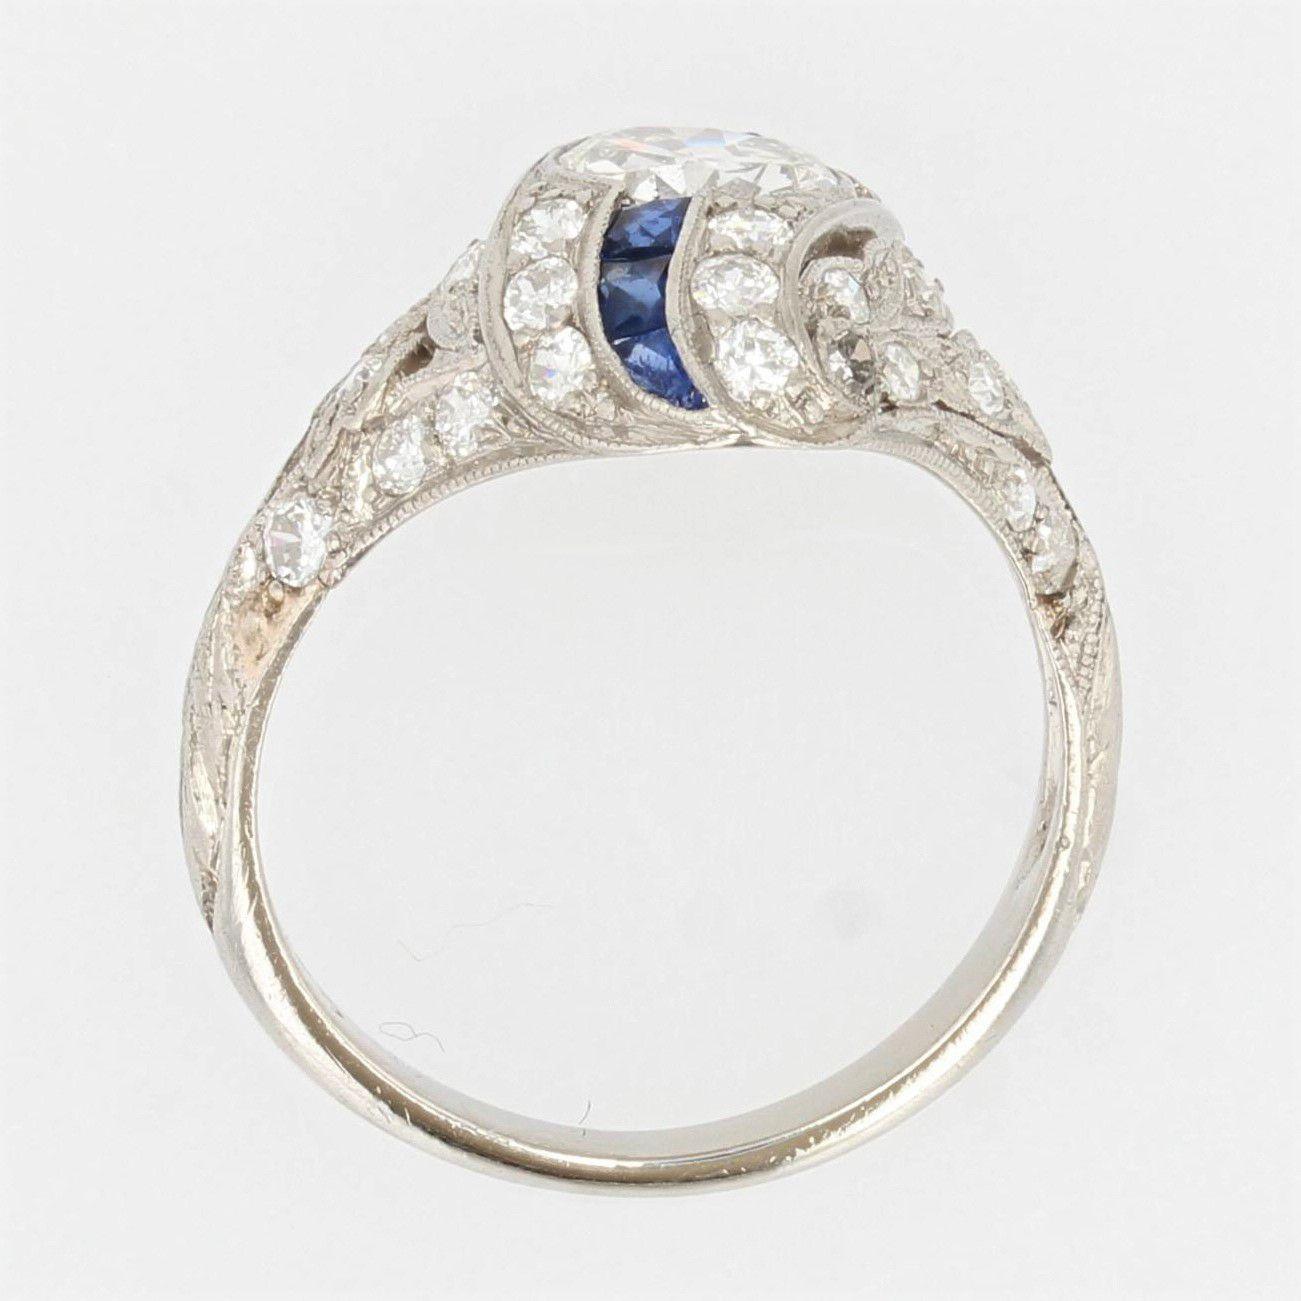 Bague art déco diamants saphirs calibrés